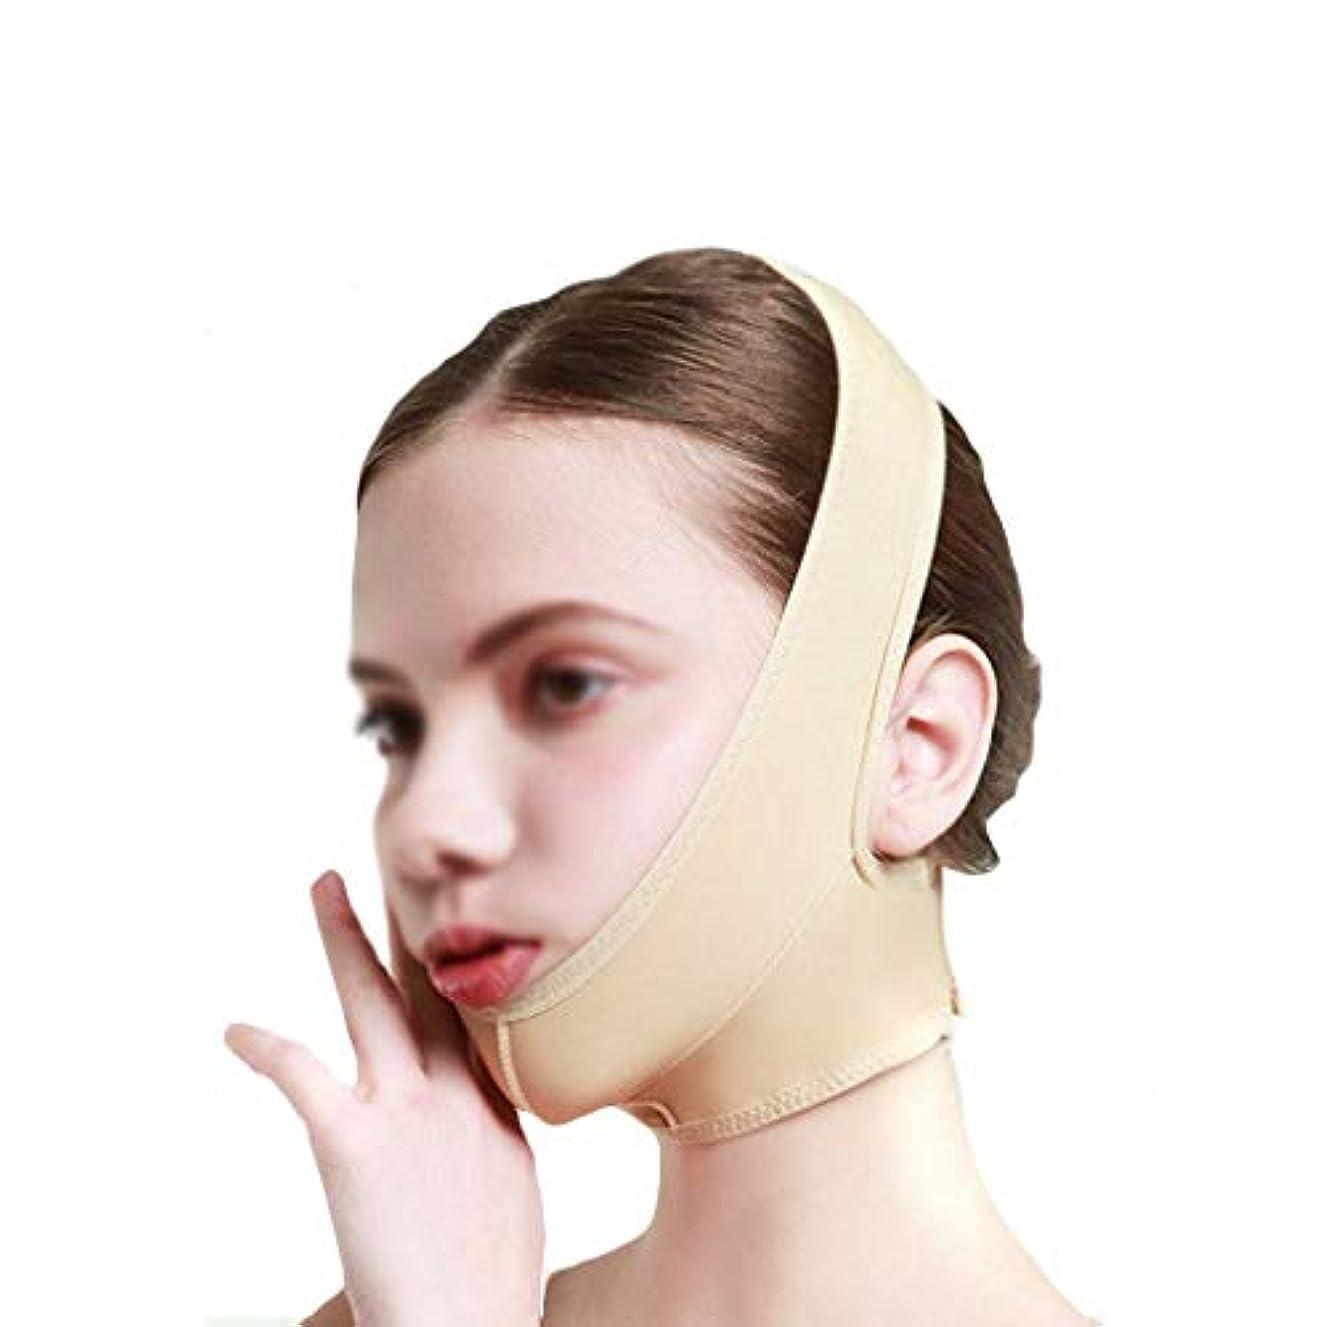 家主トレイル前述のダブルチンリデューサー、フェイススリミングマスク、フェイスリフティング、ストレッチマスク、ダブルチン、浮腫緩和、ケアツール、通気性(サイズ:XL),S